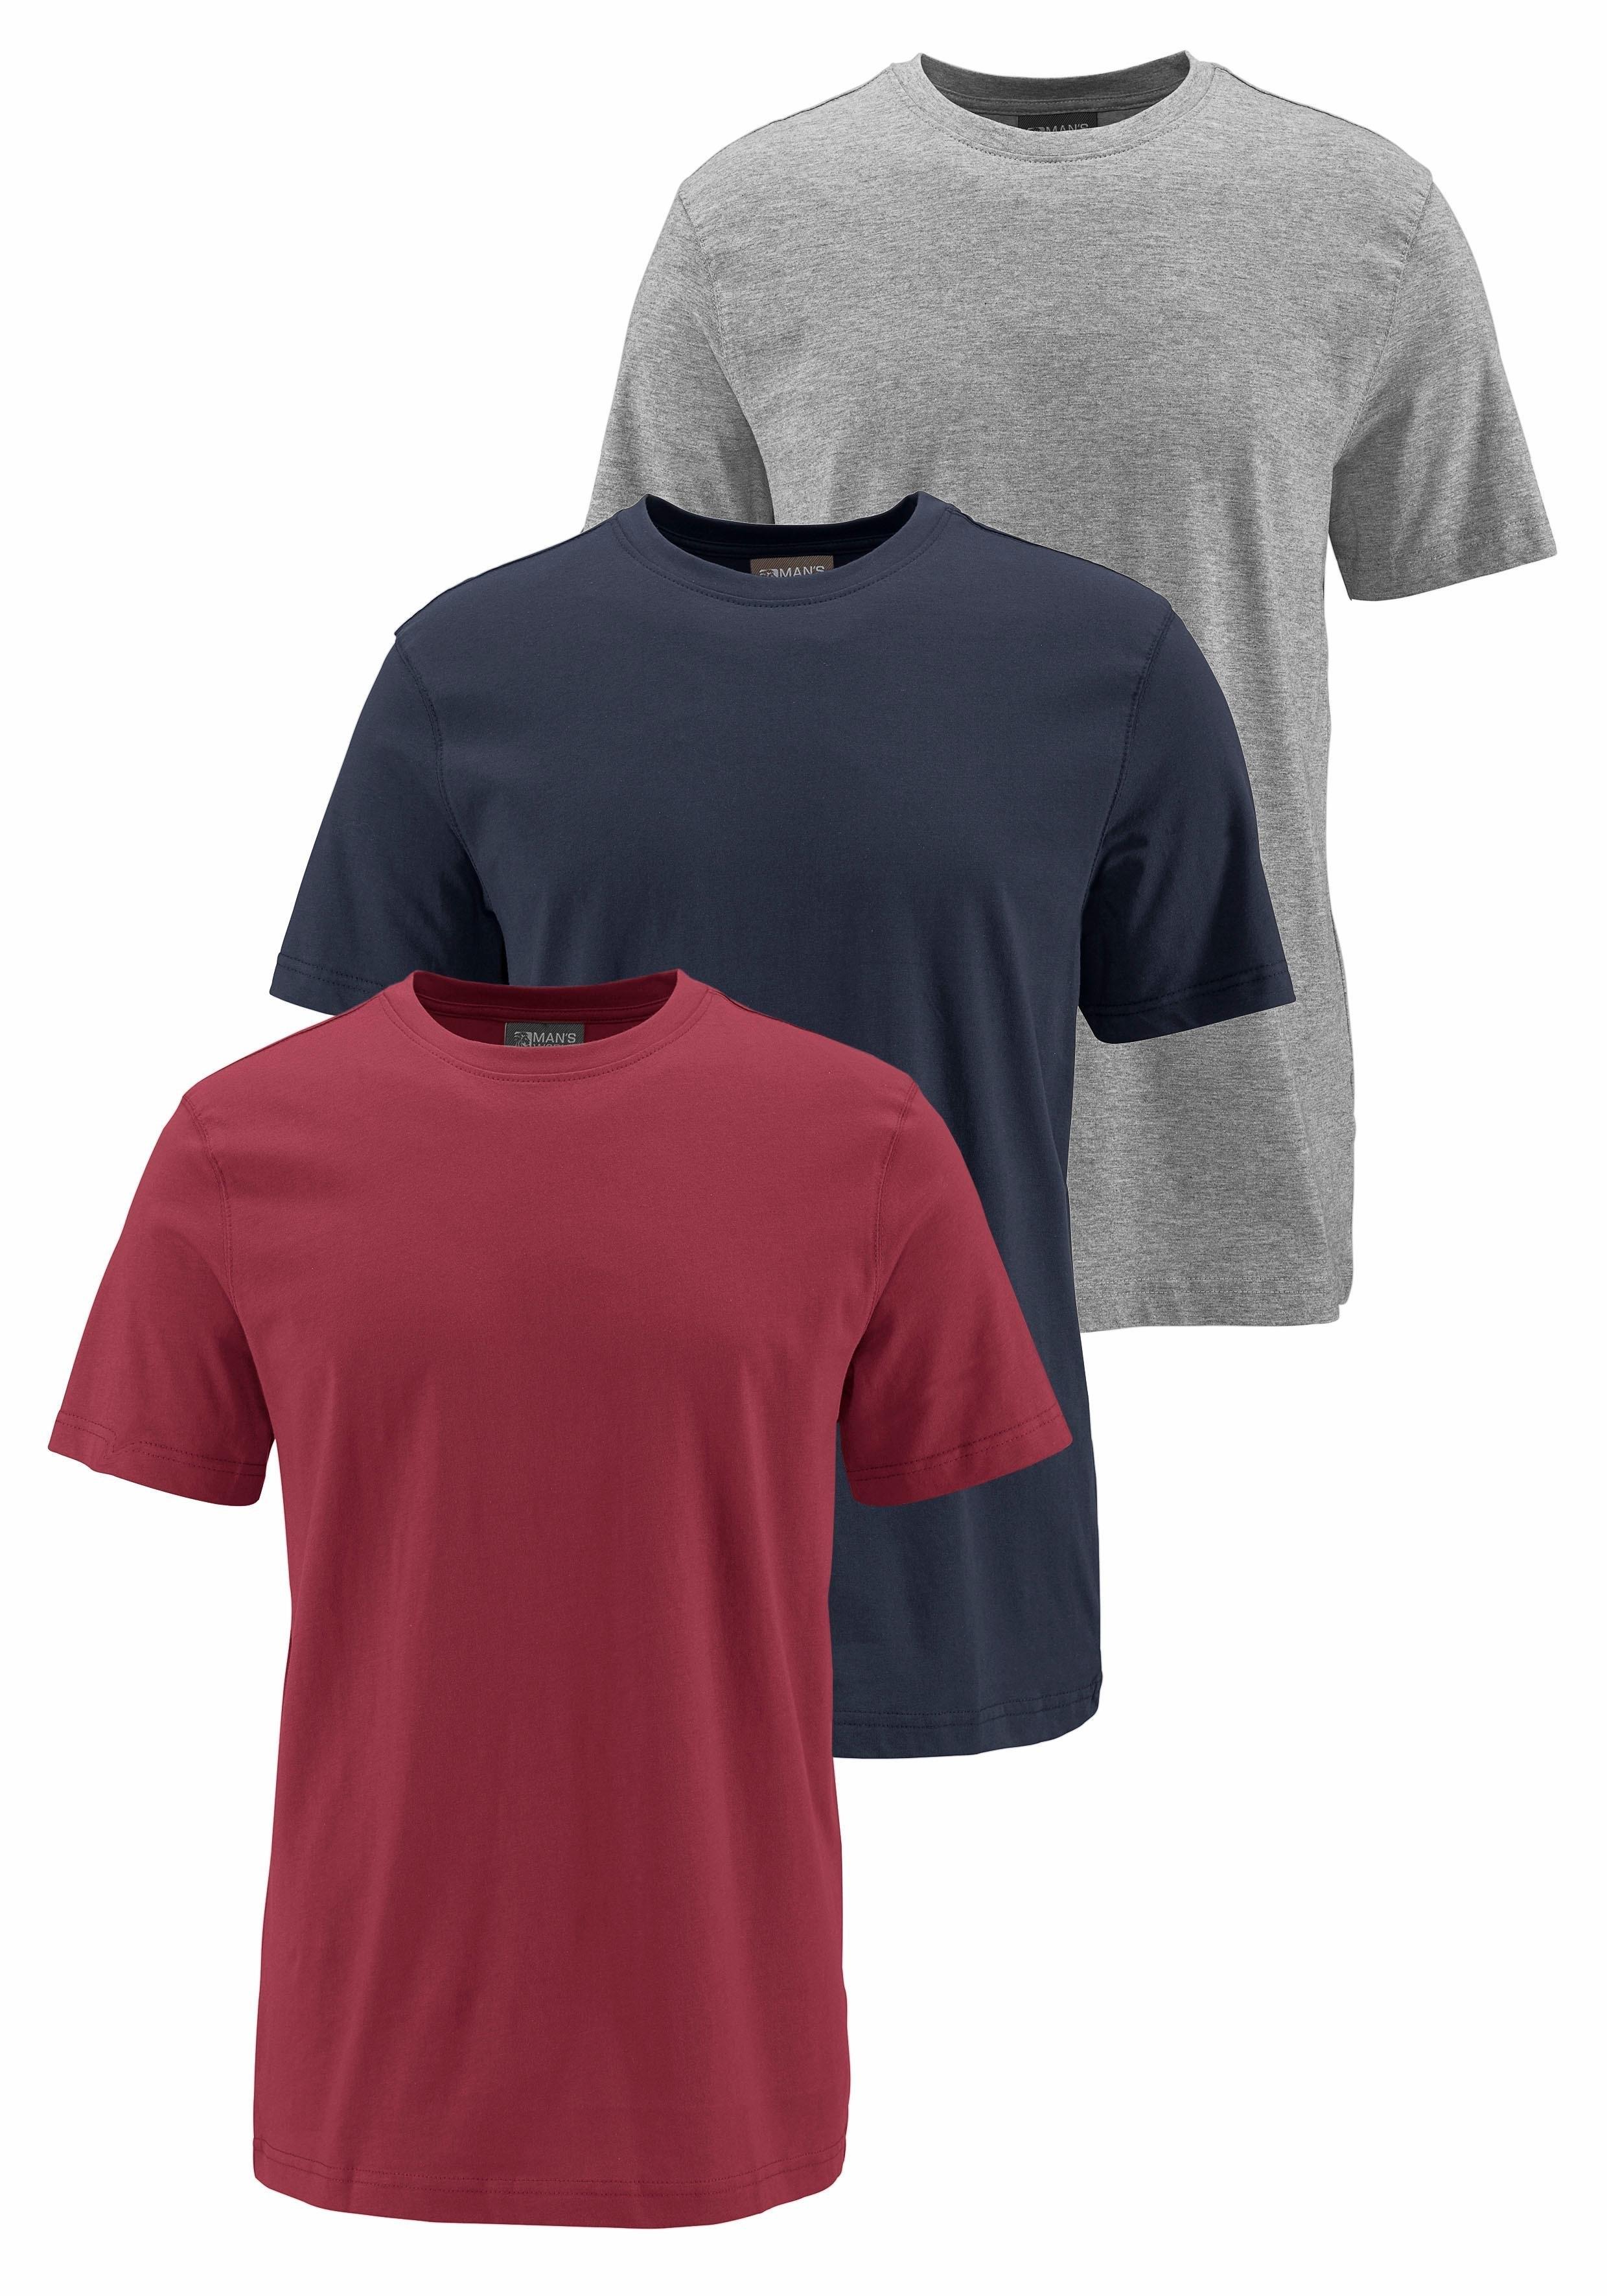 Man's World Grey Connection T-shirt 2+1 gratis voordelig en veilig online kopen